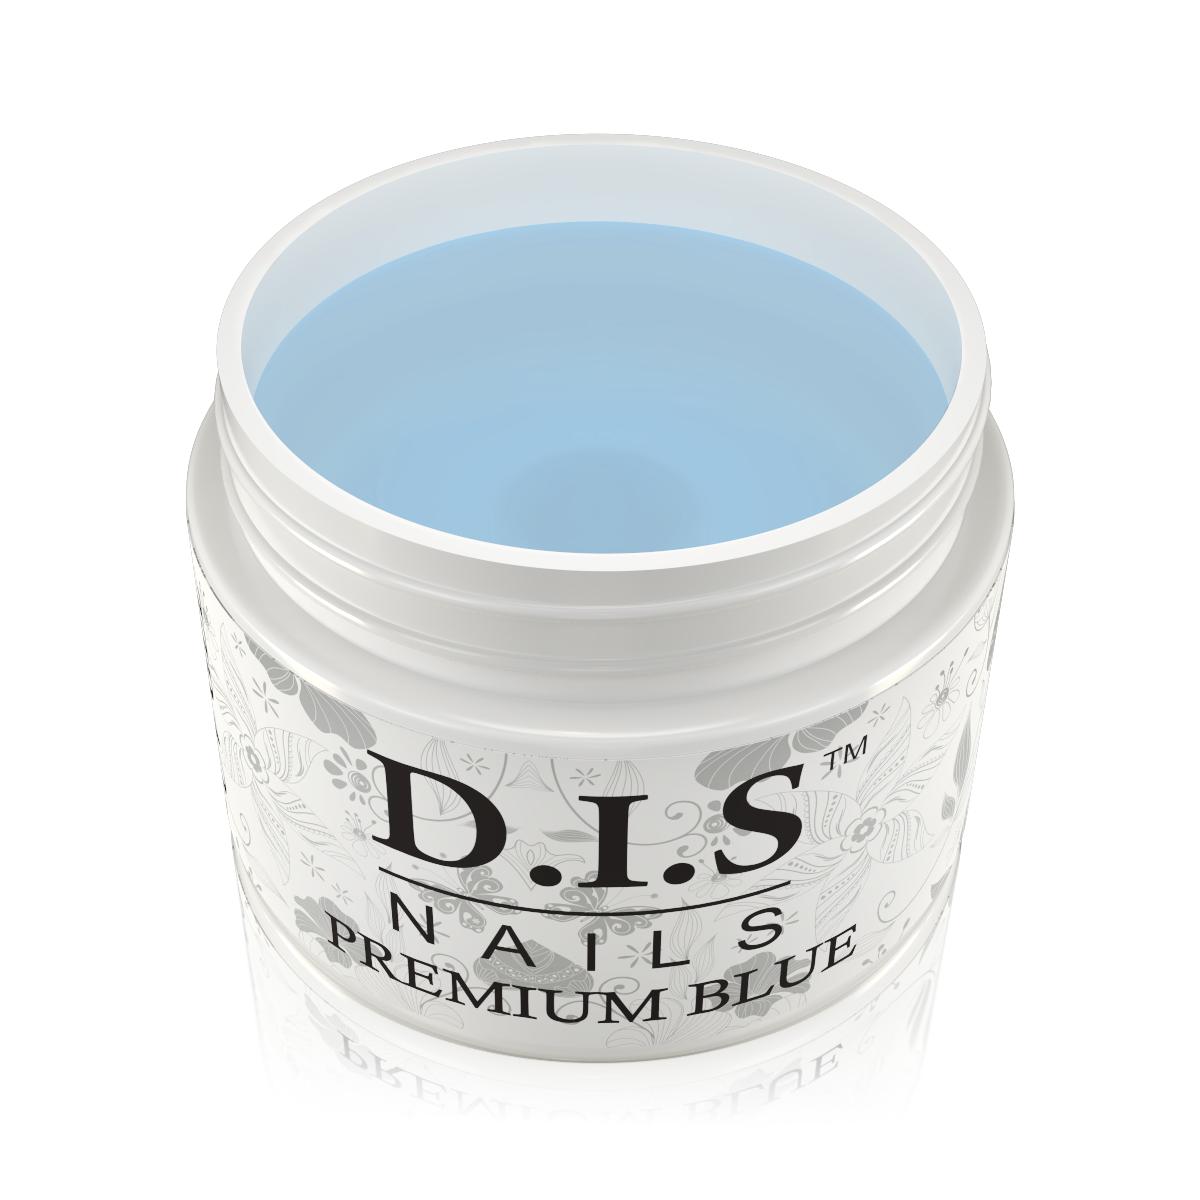 Однофазный гель D.I.S Premium blue (Прозрачный с голубым отливом) 30 гр.